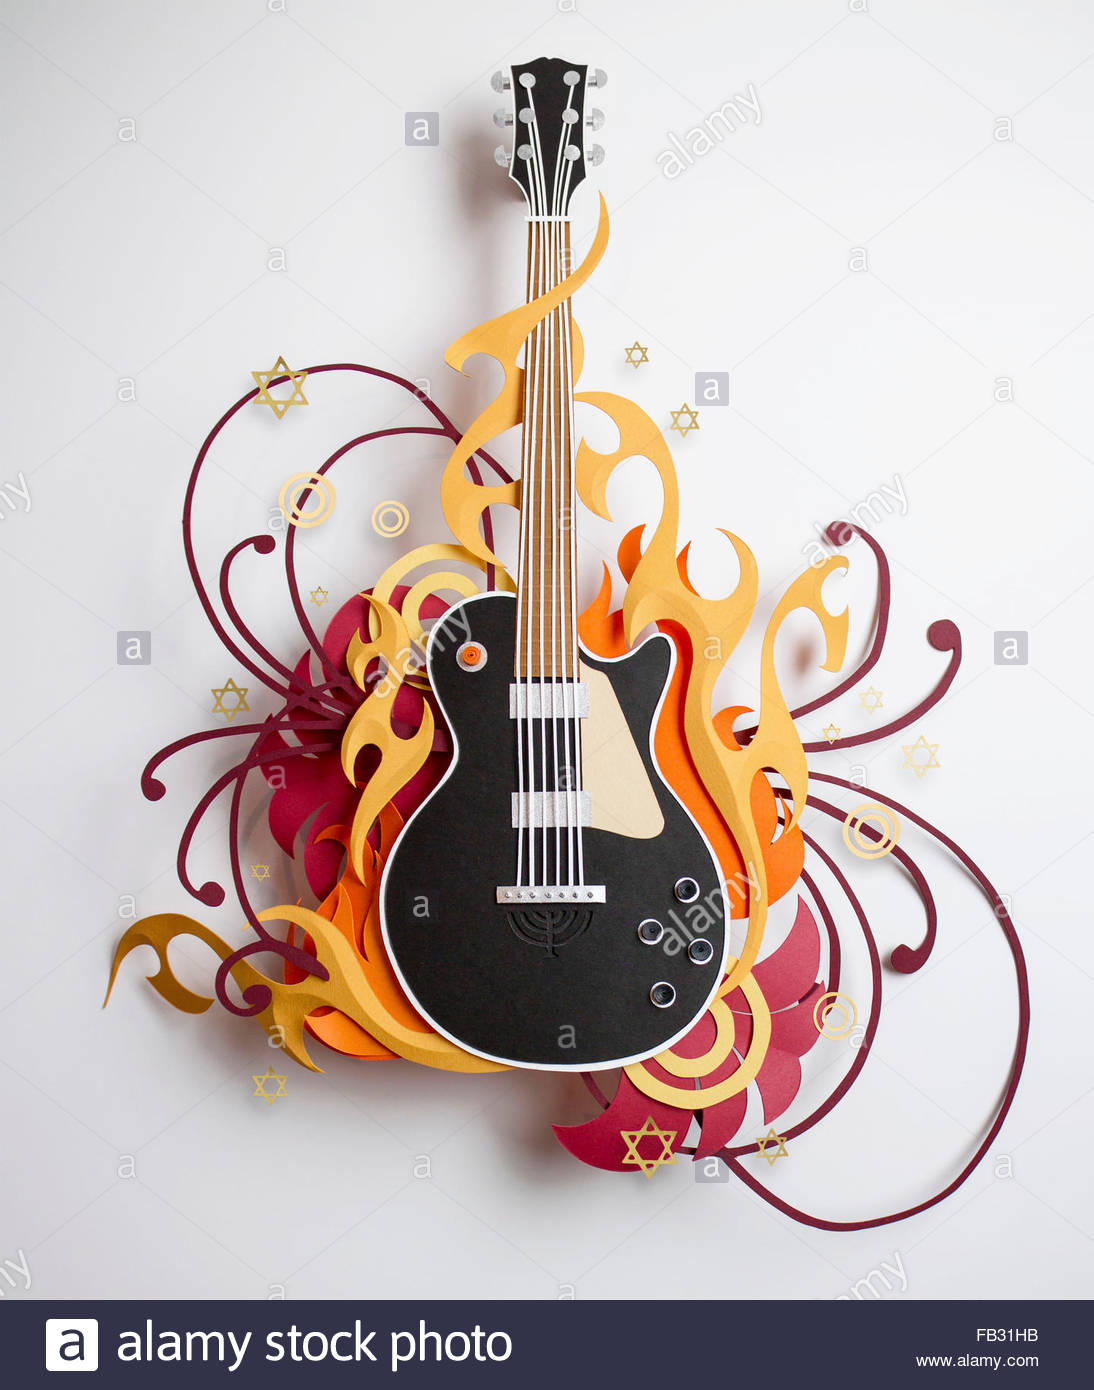 Estrellas y se arremolina alrededor de papel artesanal guitarra Imagen De Stock